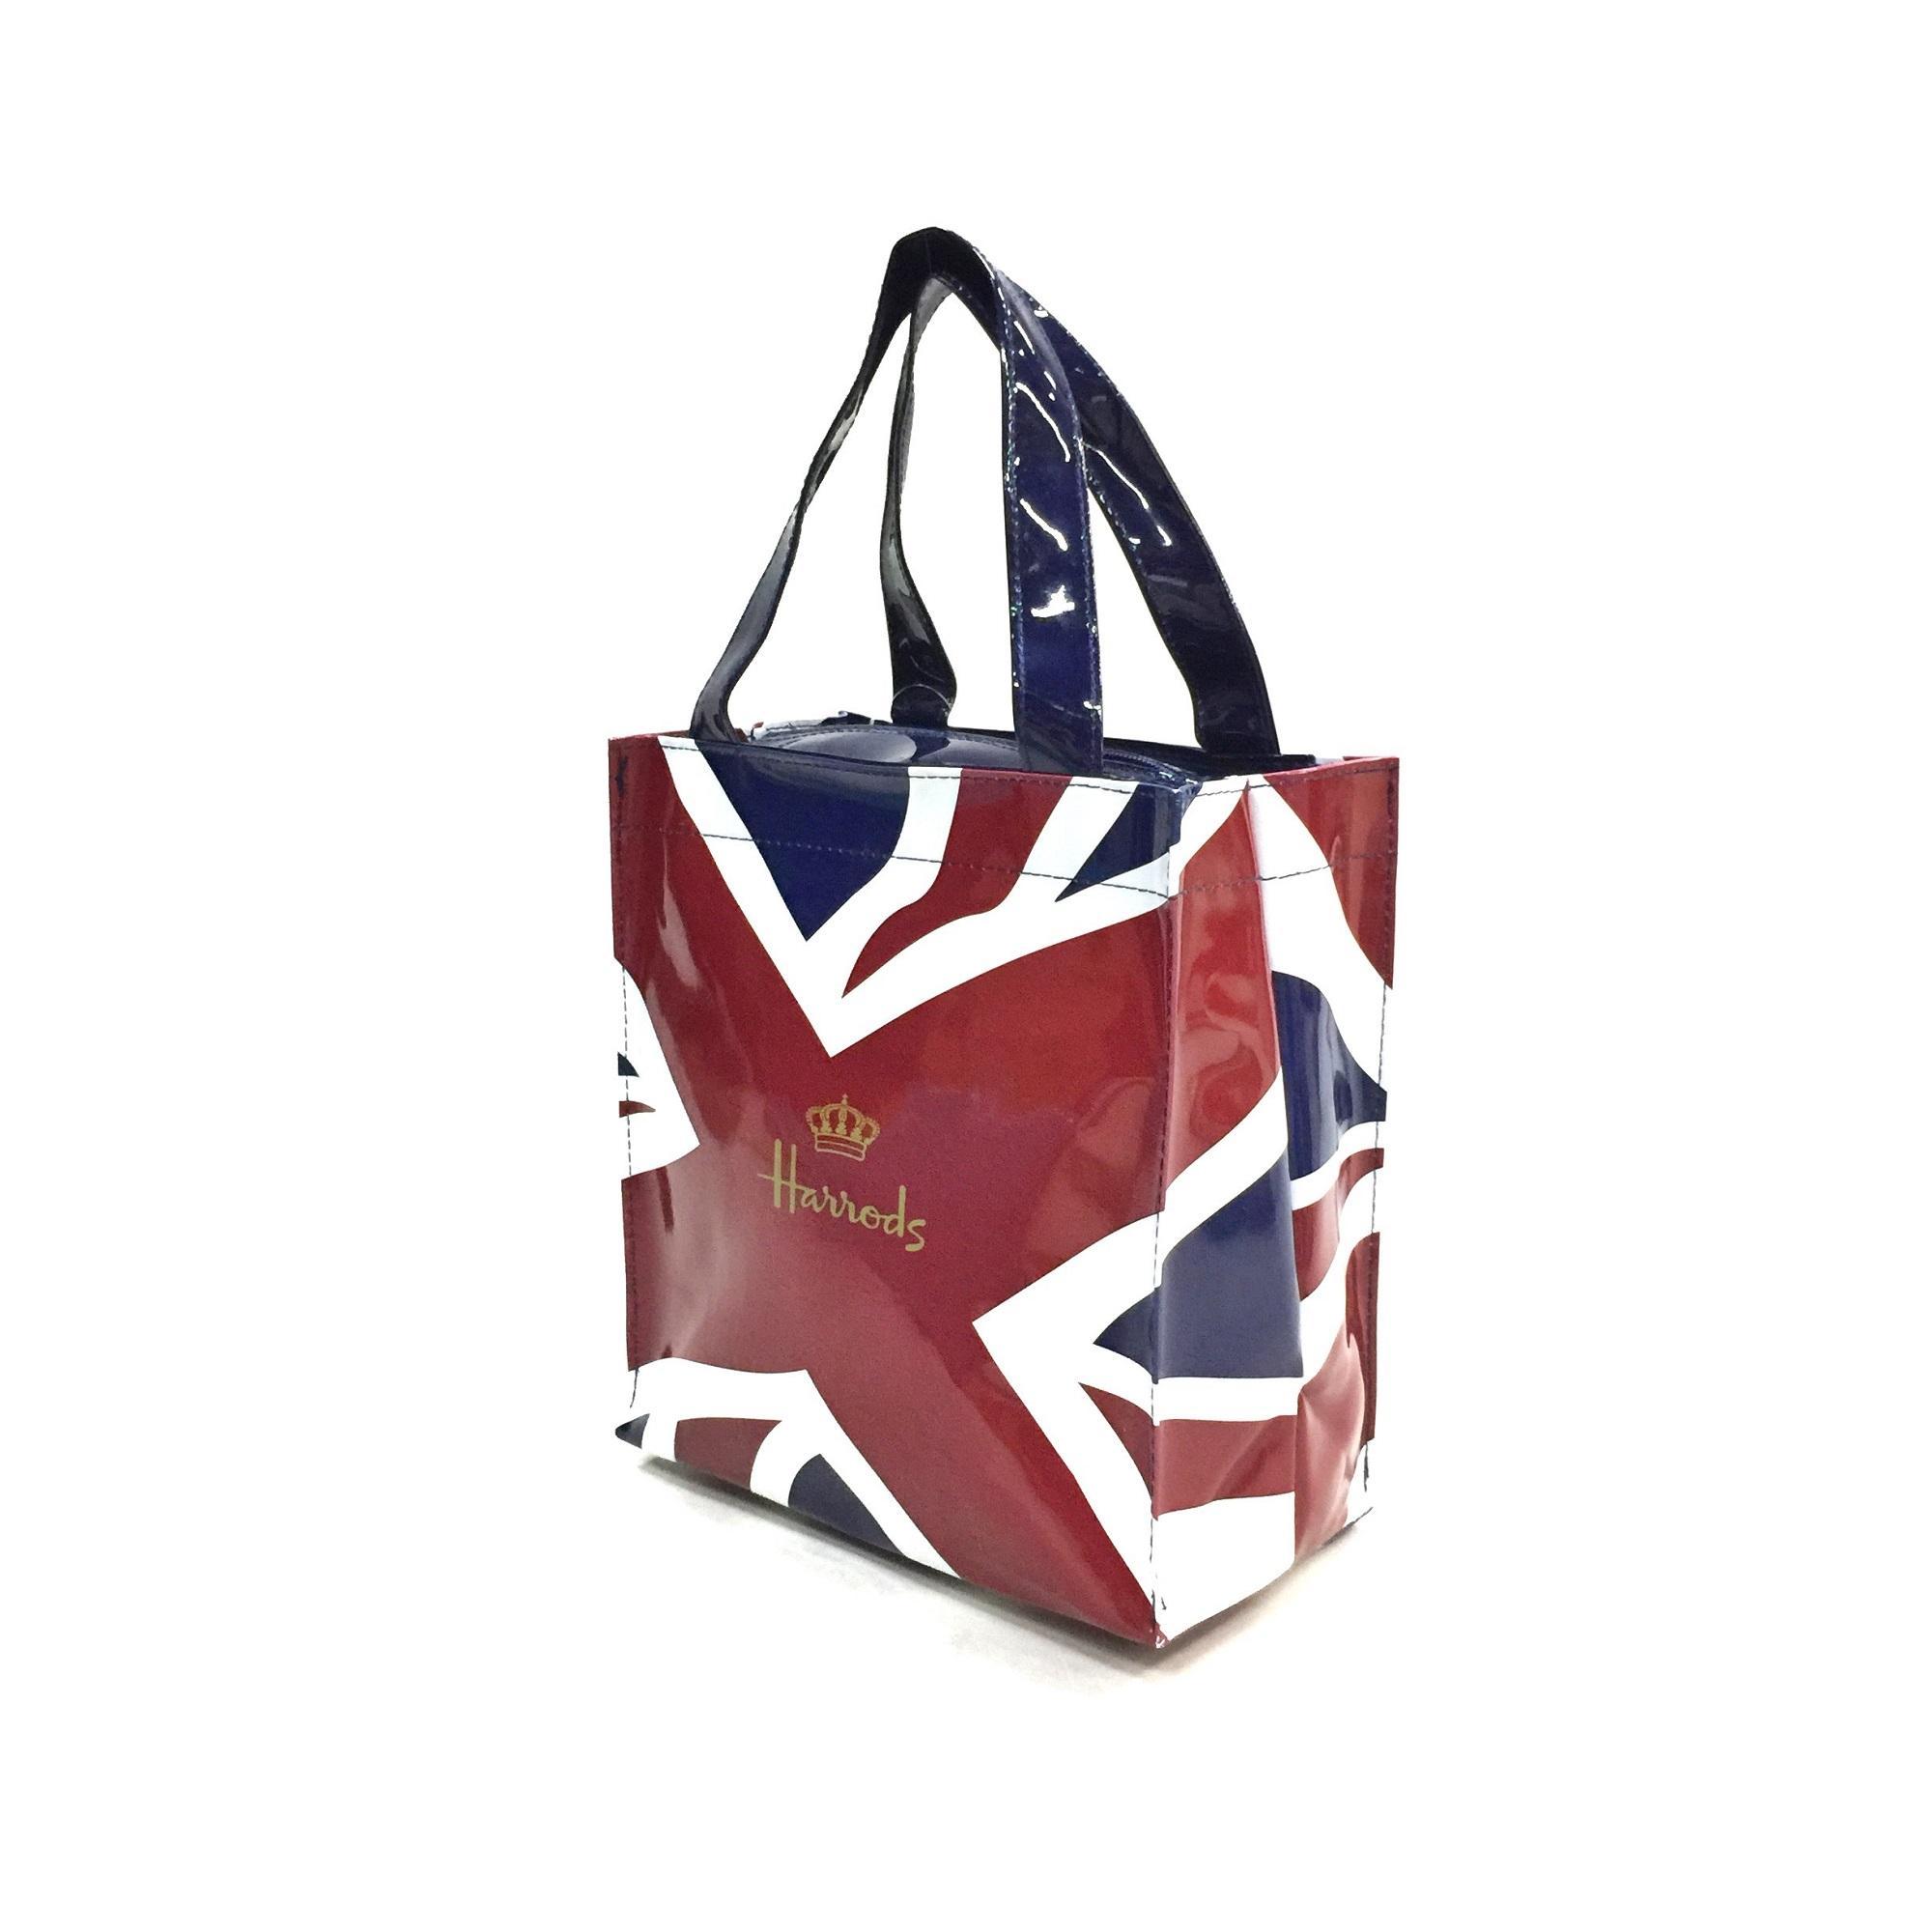 Harrods Large Tote Bag